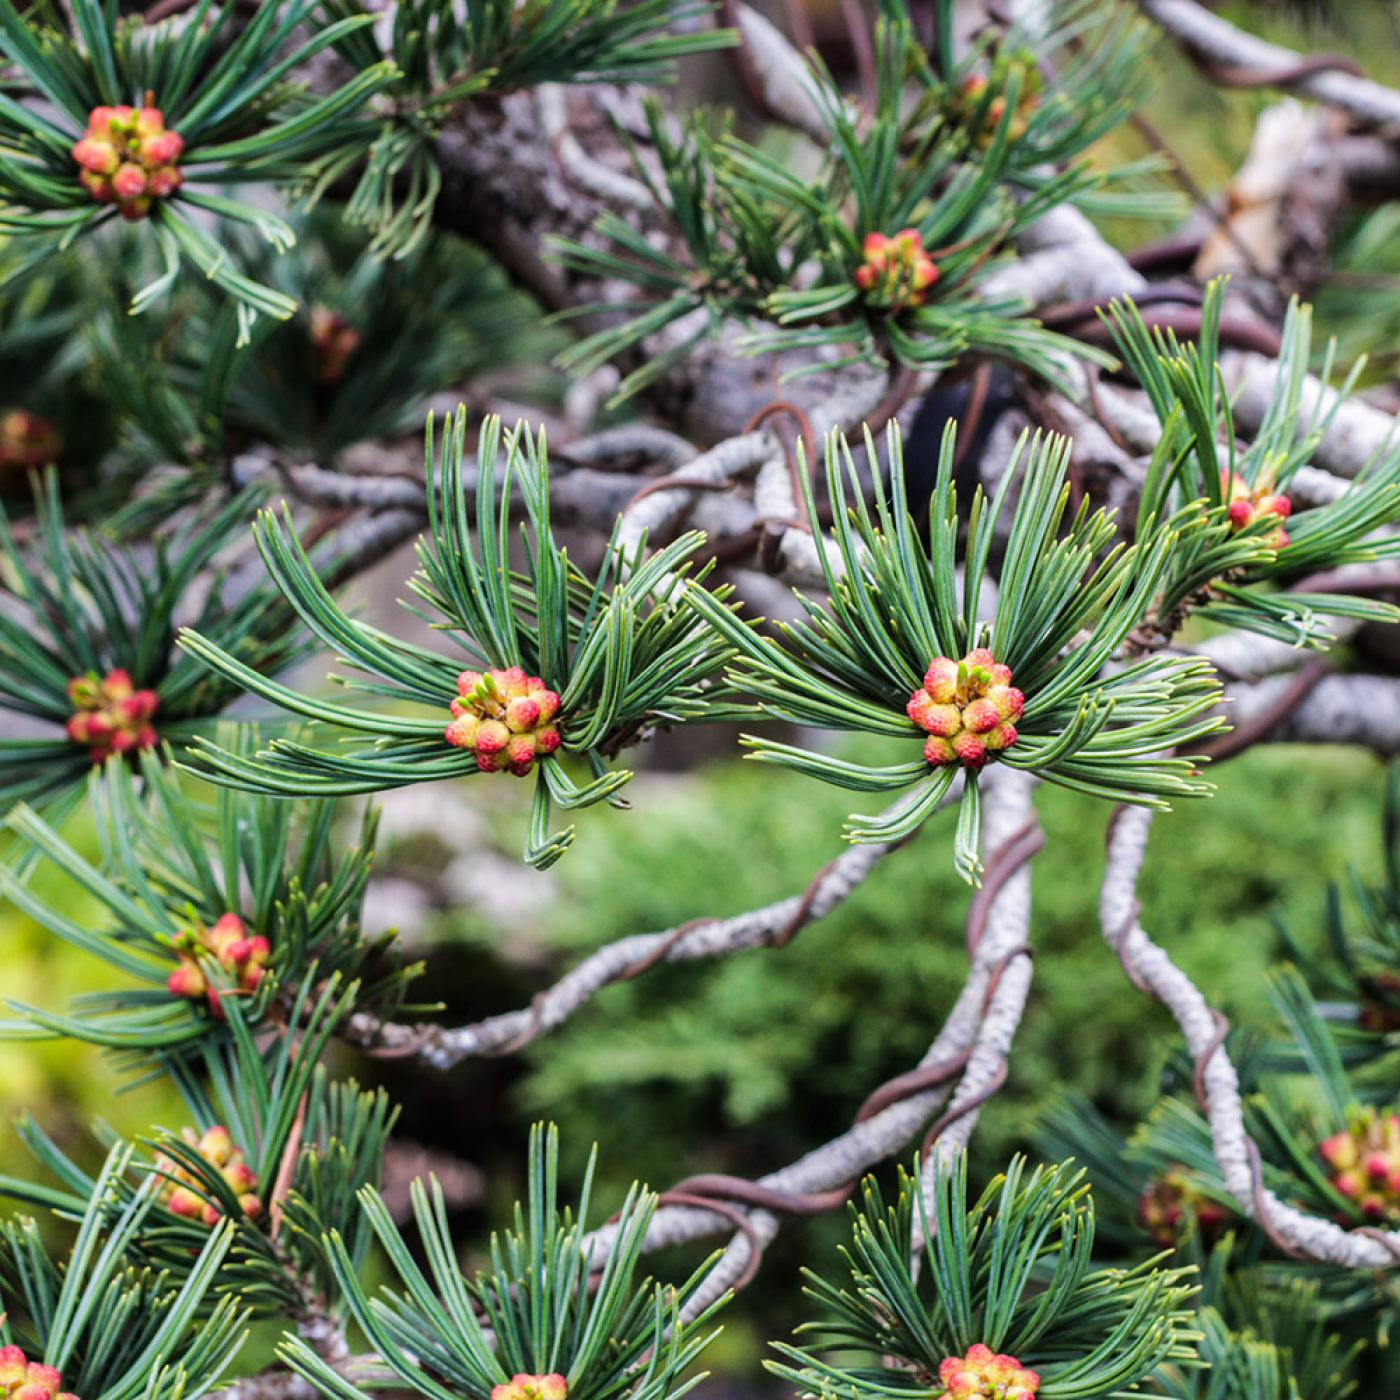 pine_bonsai_wiring_techniques